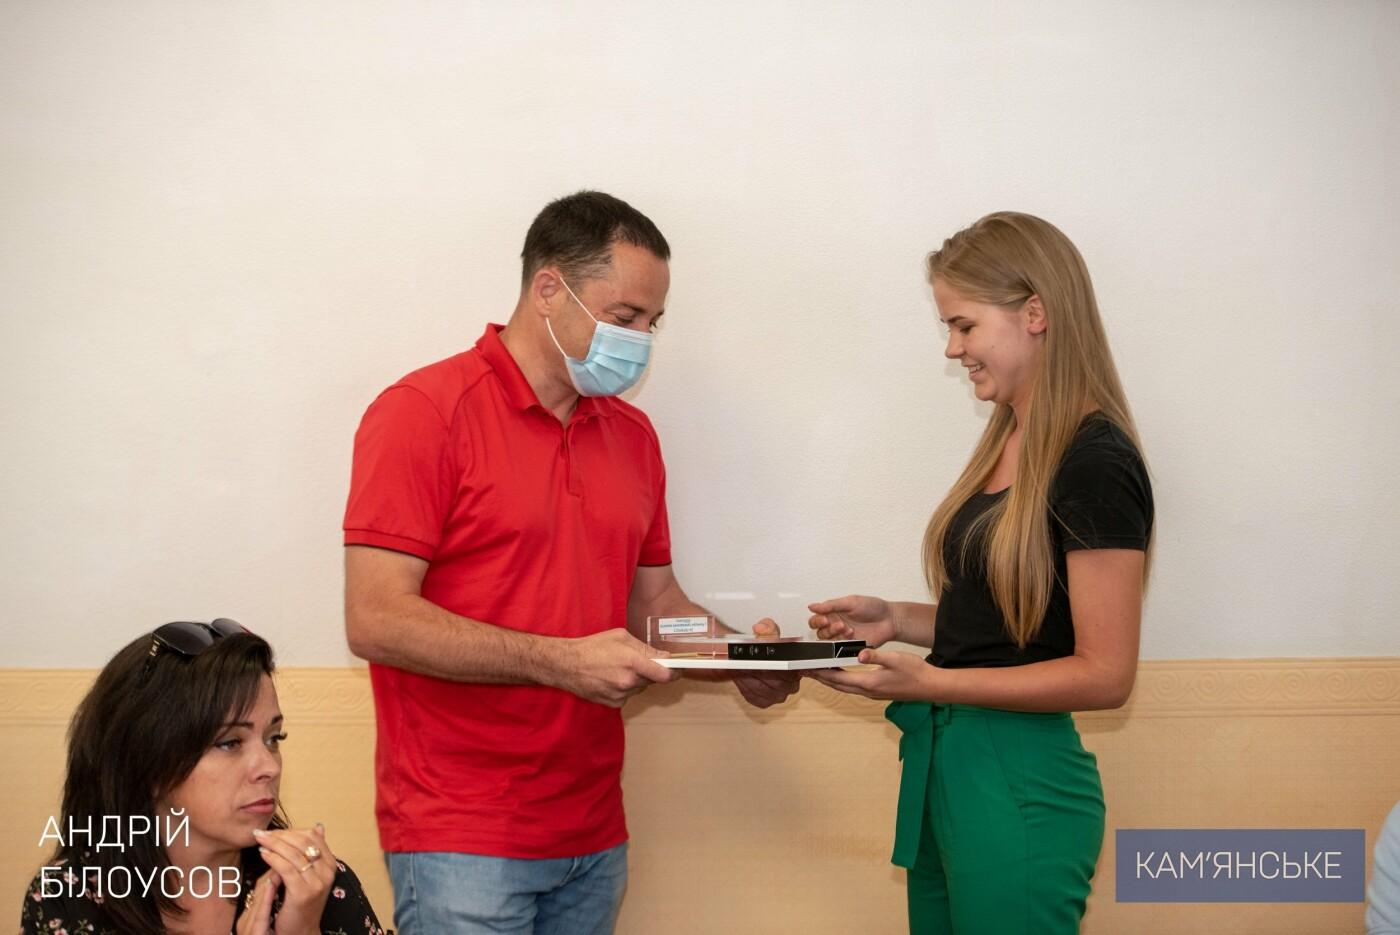 В Каменском наградили победителей «Бюджета участия», фото-5